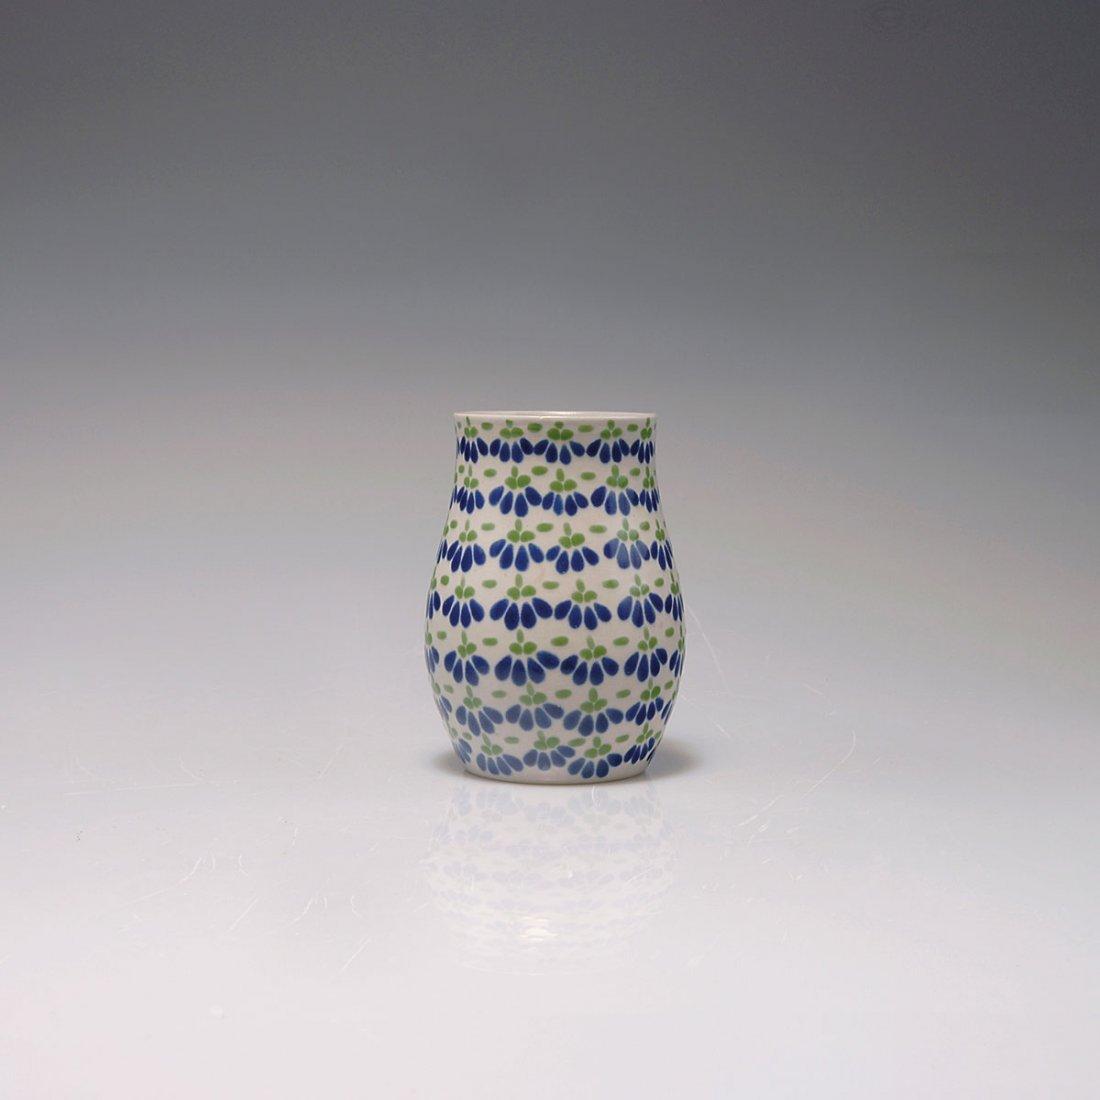 527: Small vase, c1912